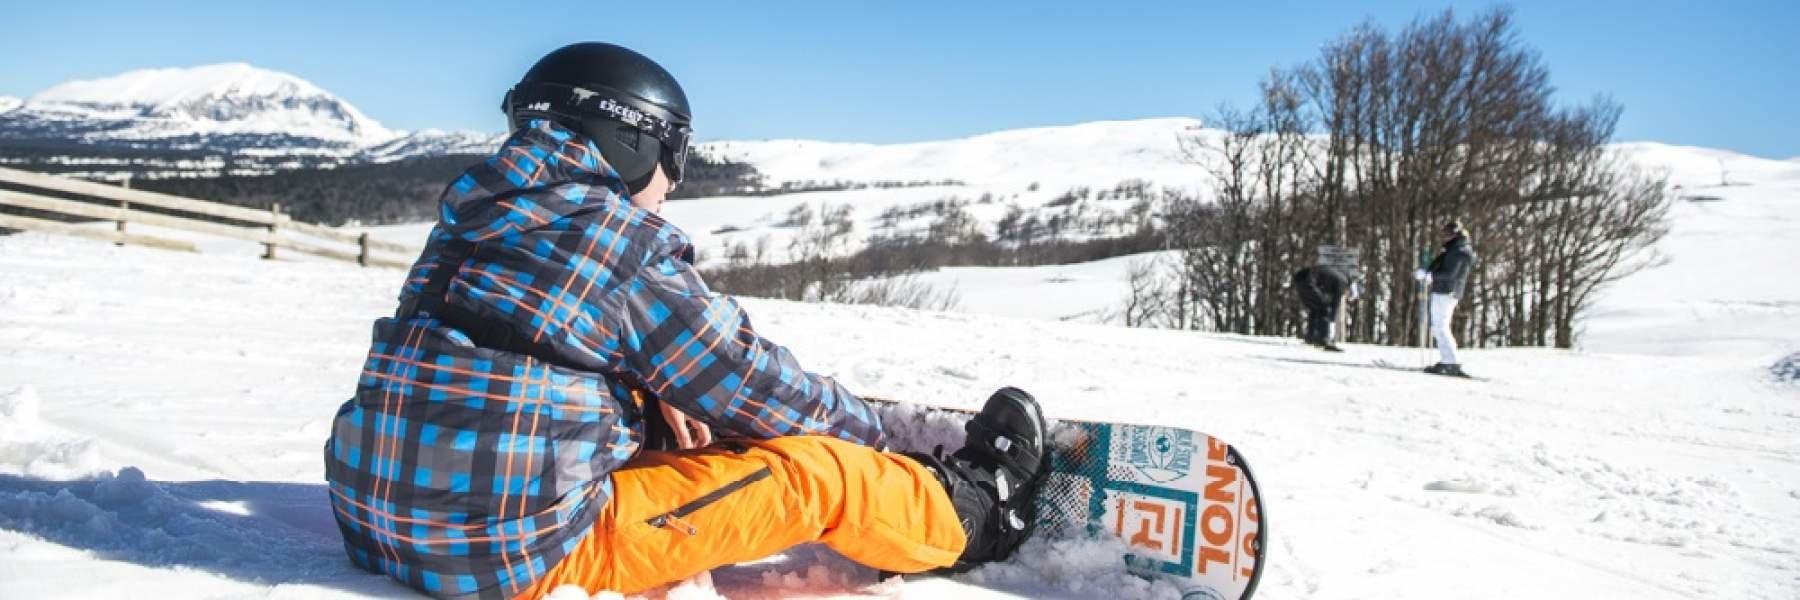 Journée glisse/snowboard sur les pistes du Col de Rousset - © Conseil Départemental de la Drome